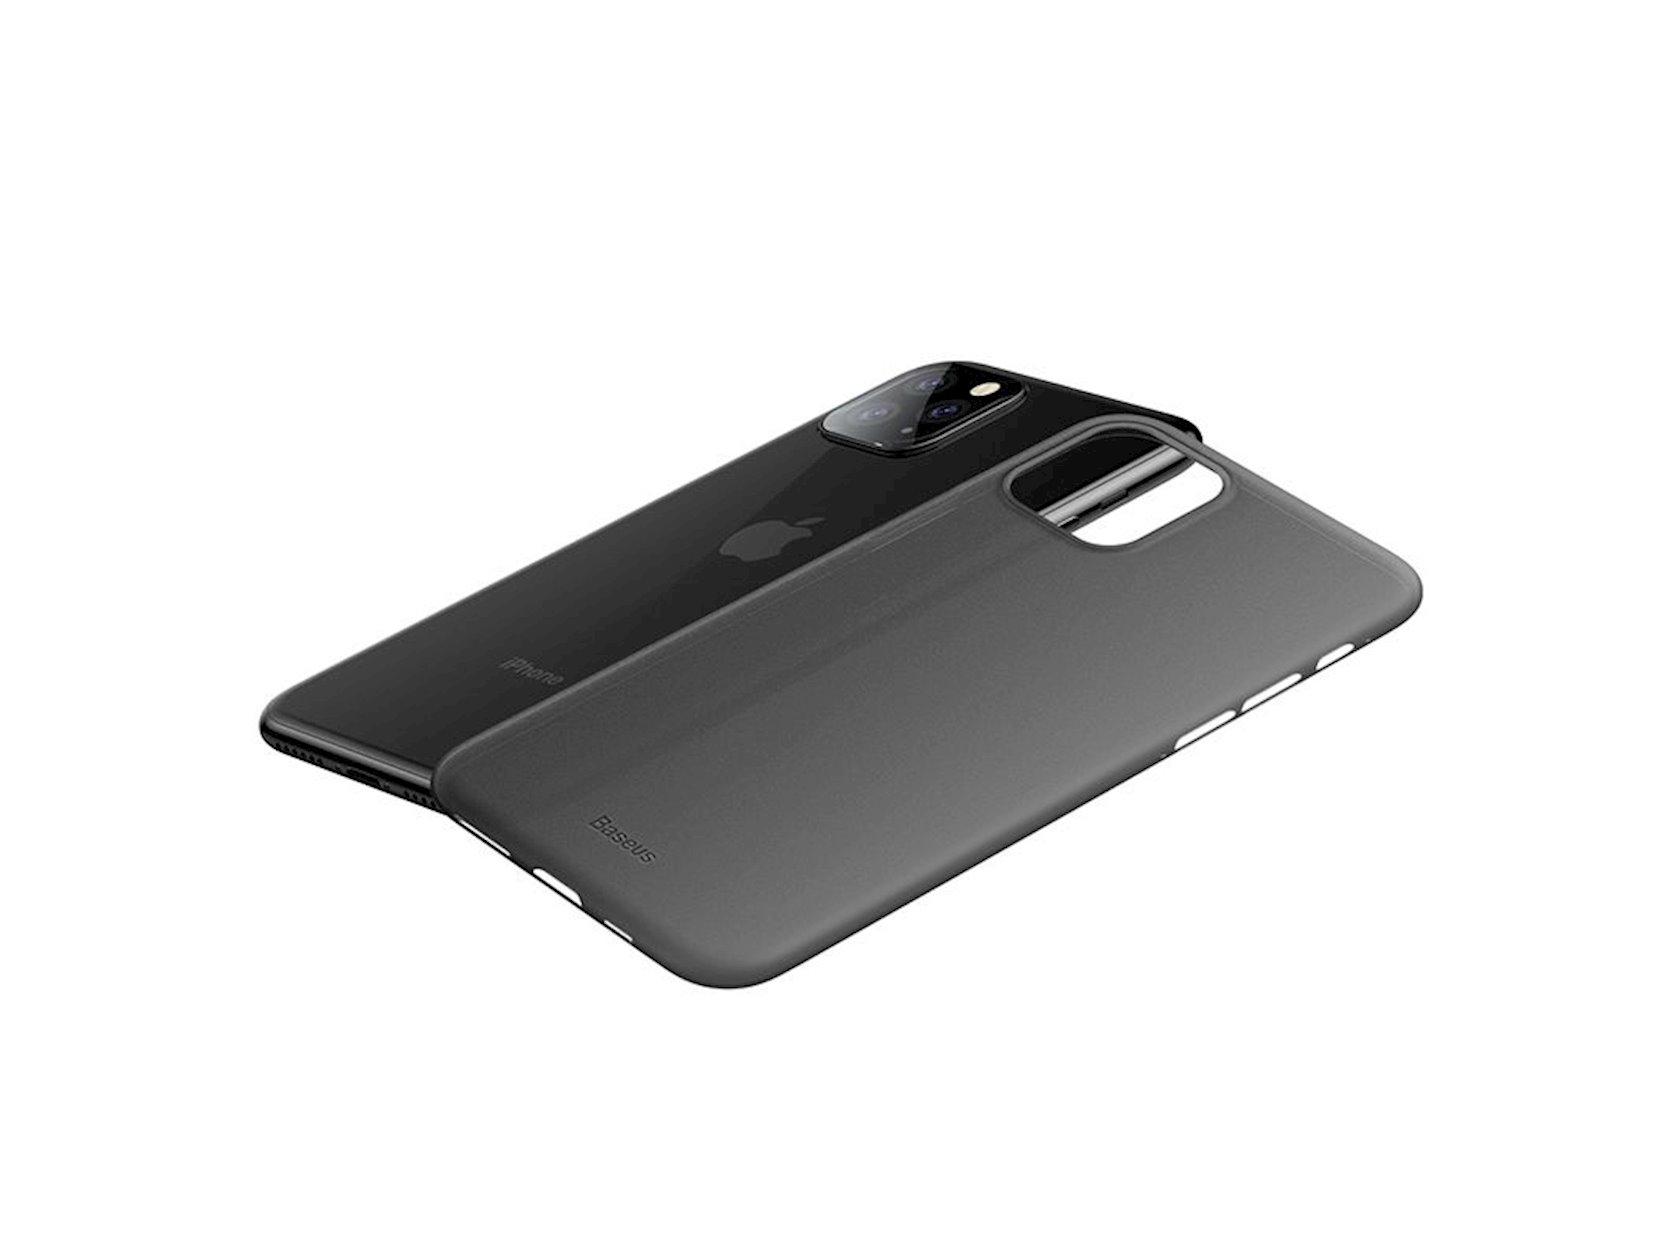 Çexol Baseus Wing Case iPhone 11 Pro 5.8inch üçün, qara